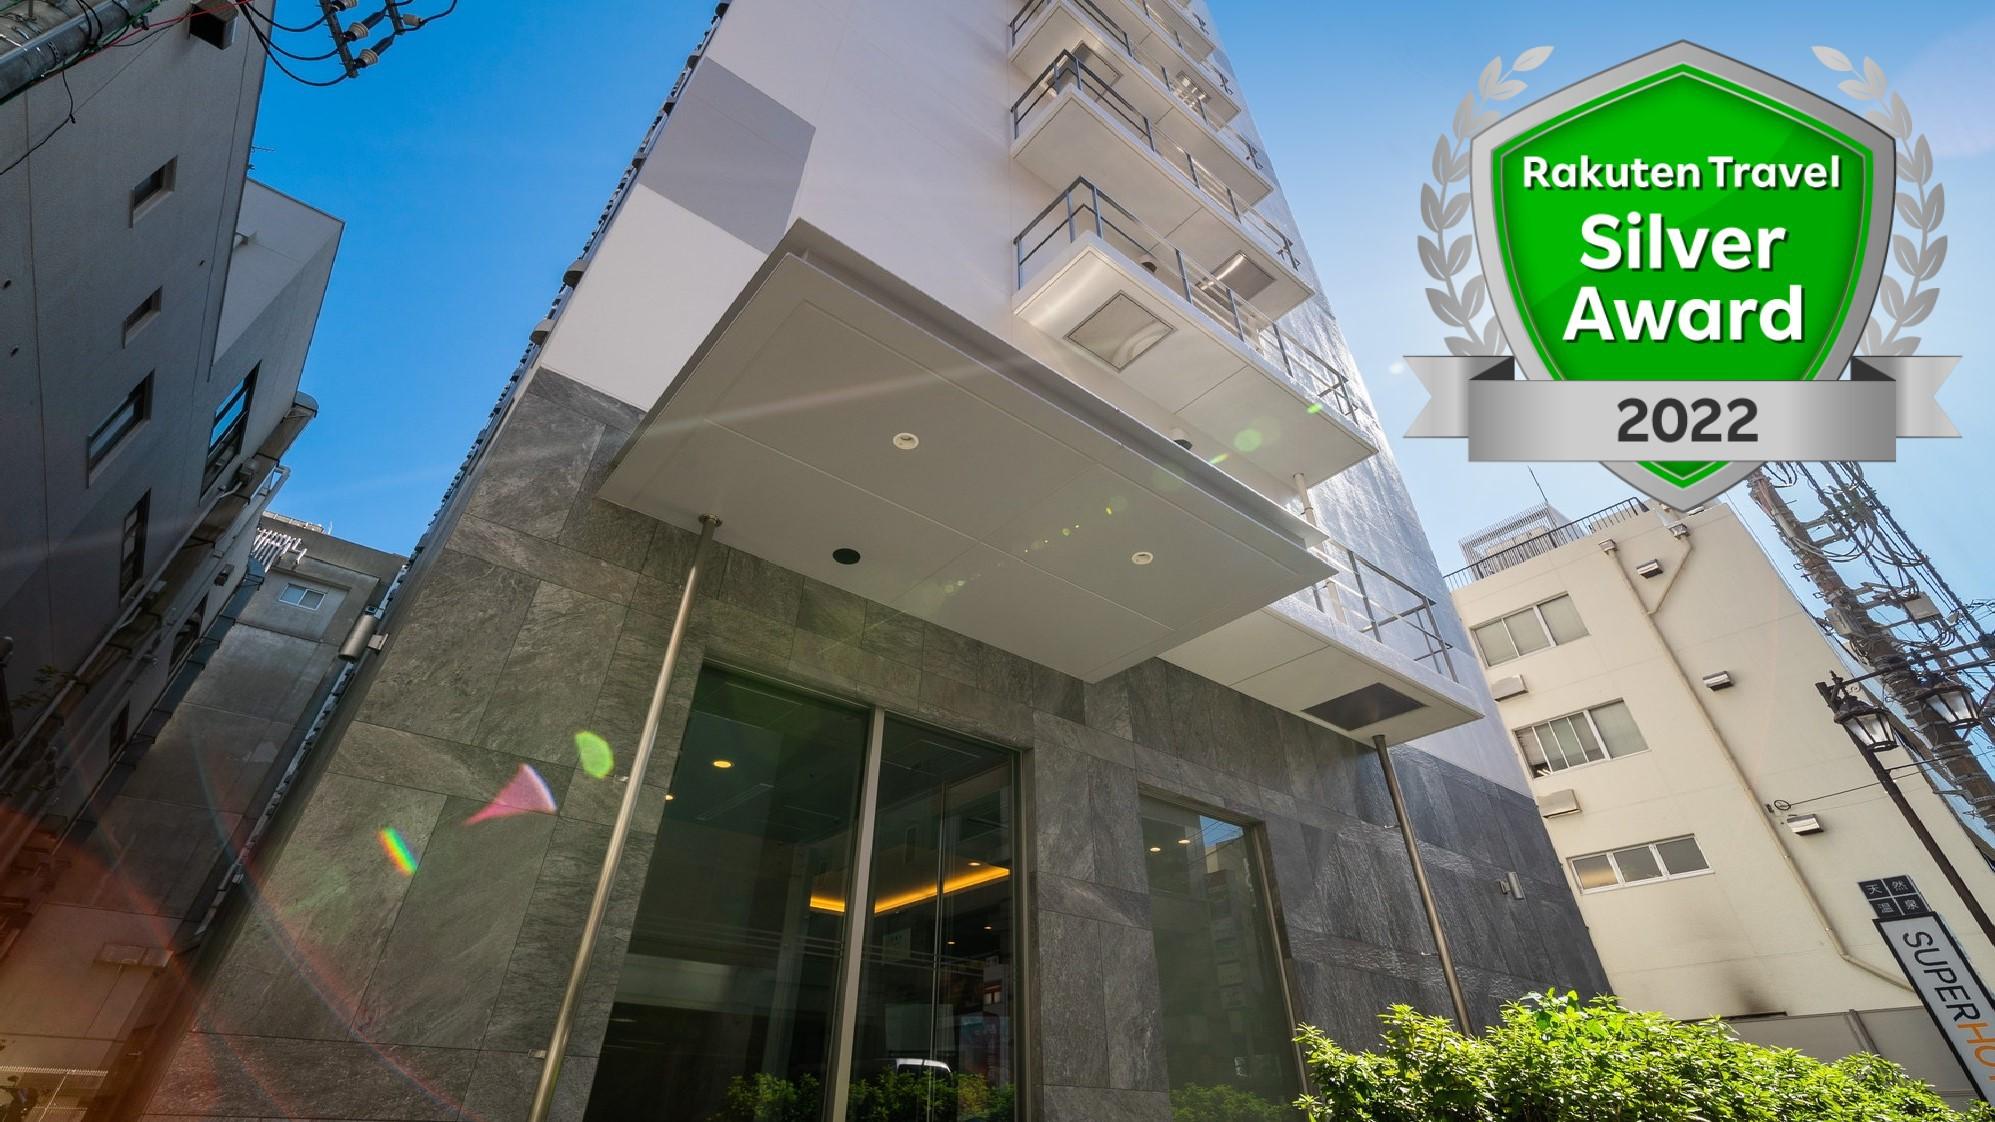 スーパーホテル湘南・藤沢駅南口 天然温泉 伝馬の湯(2019年4月26日グランドオープン)の施設画像